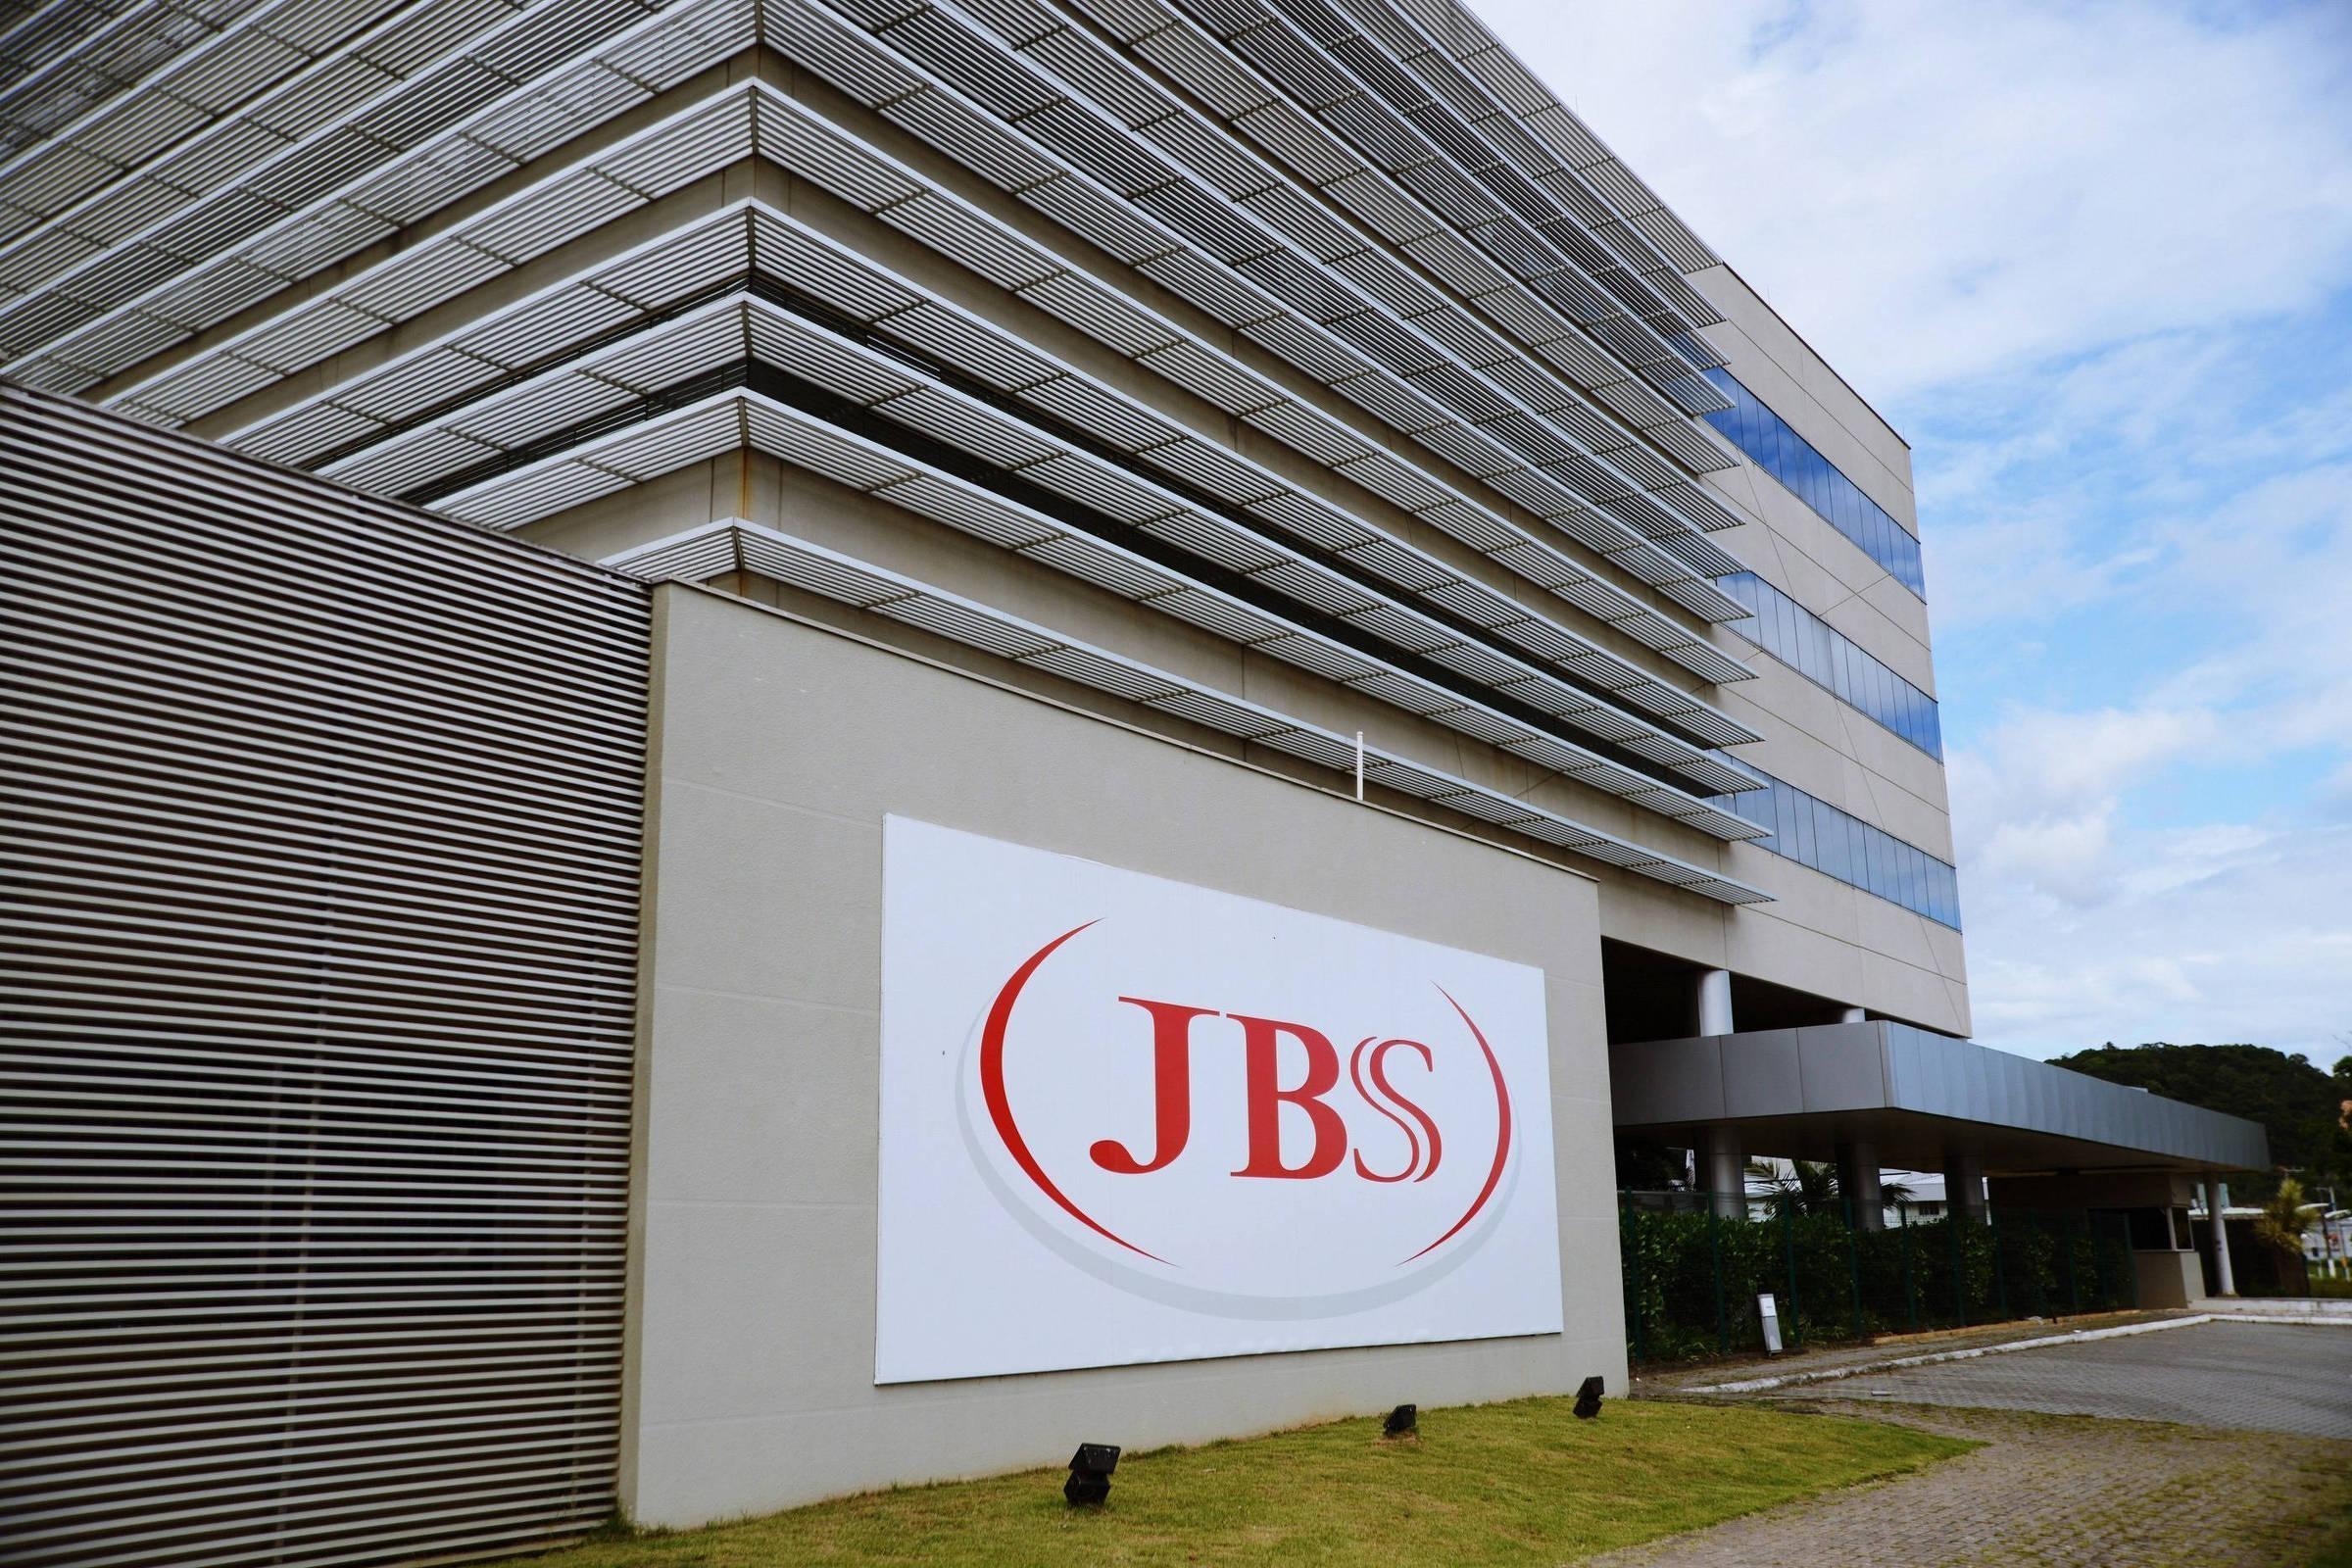 Lucro da JBS mais que dobra no primeiro trimestre